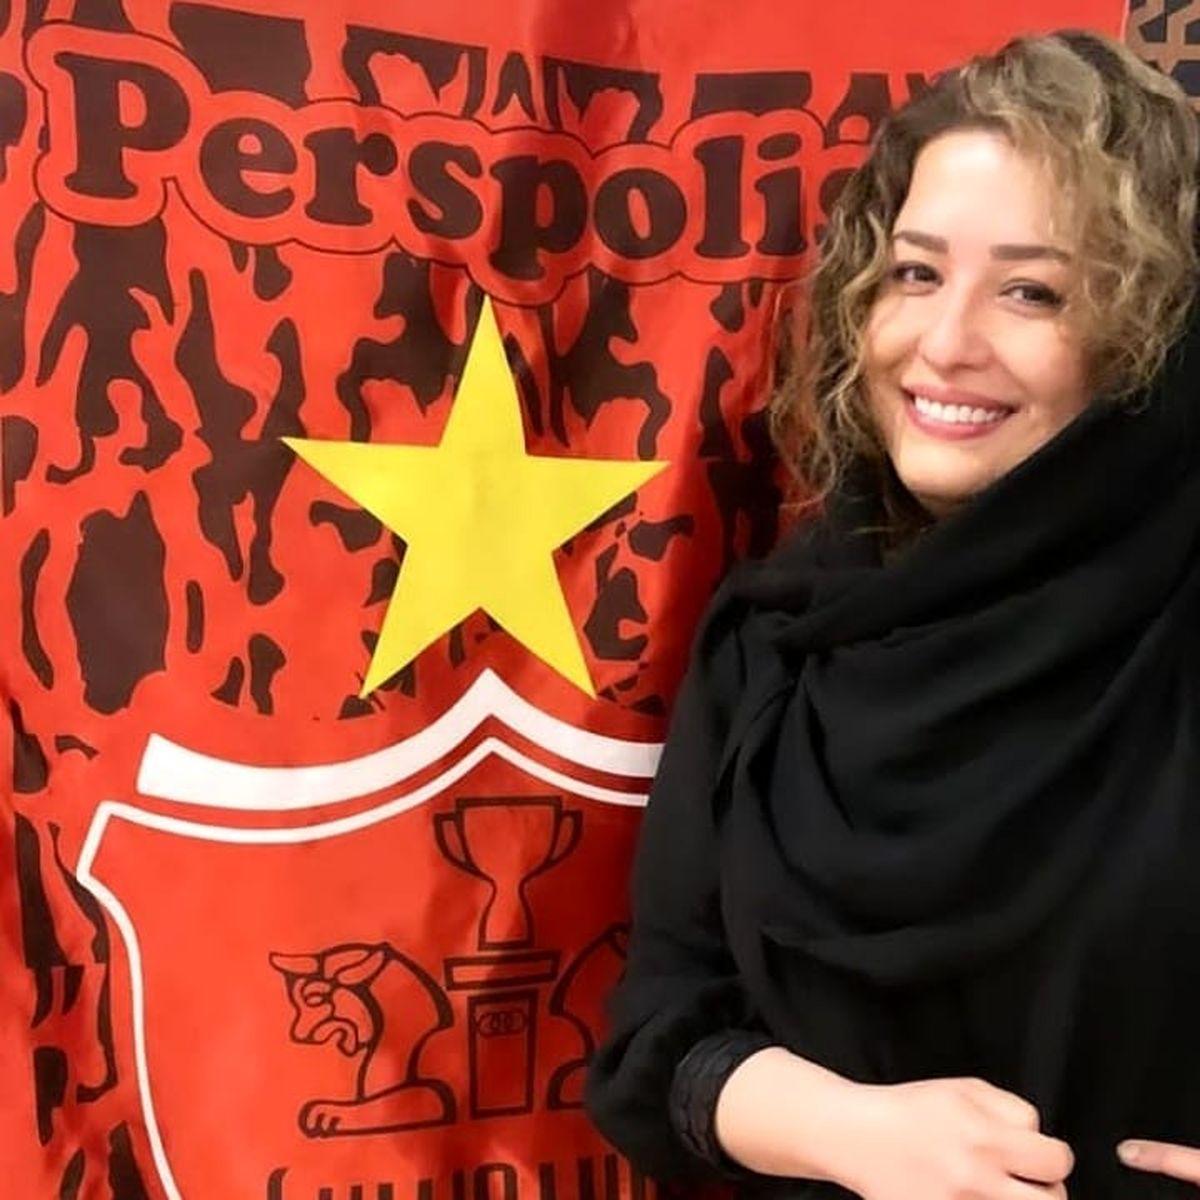 چهره ملیح و زیبای مهراوه شریفی نیا در کنار پرچم پرسپولیس/عکس